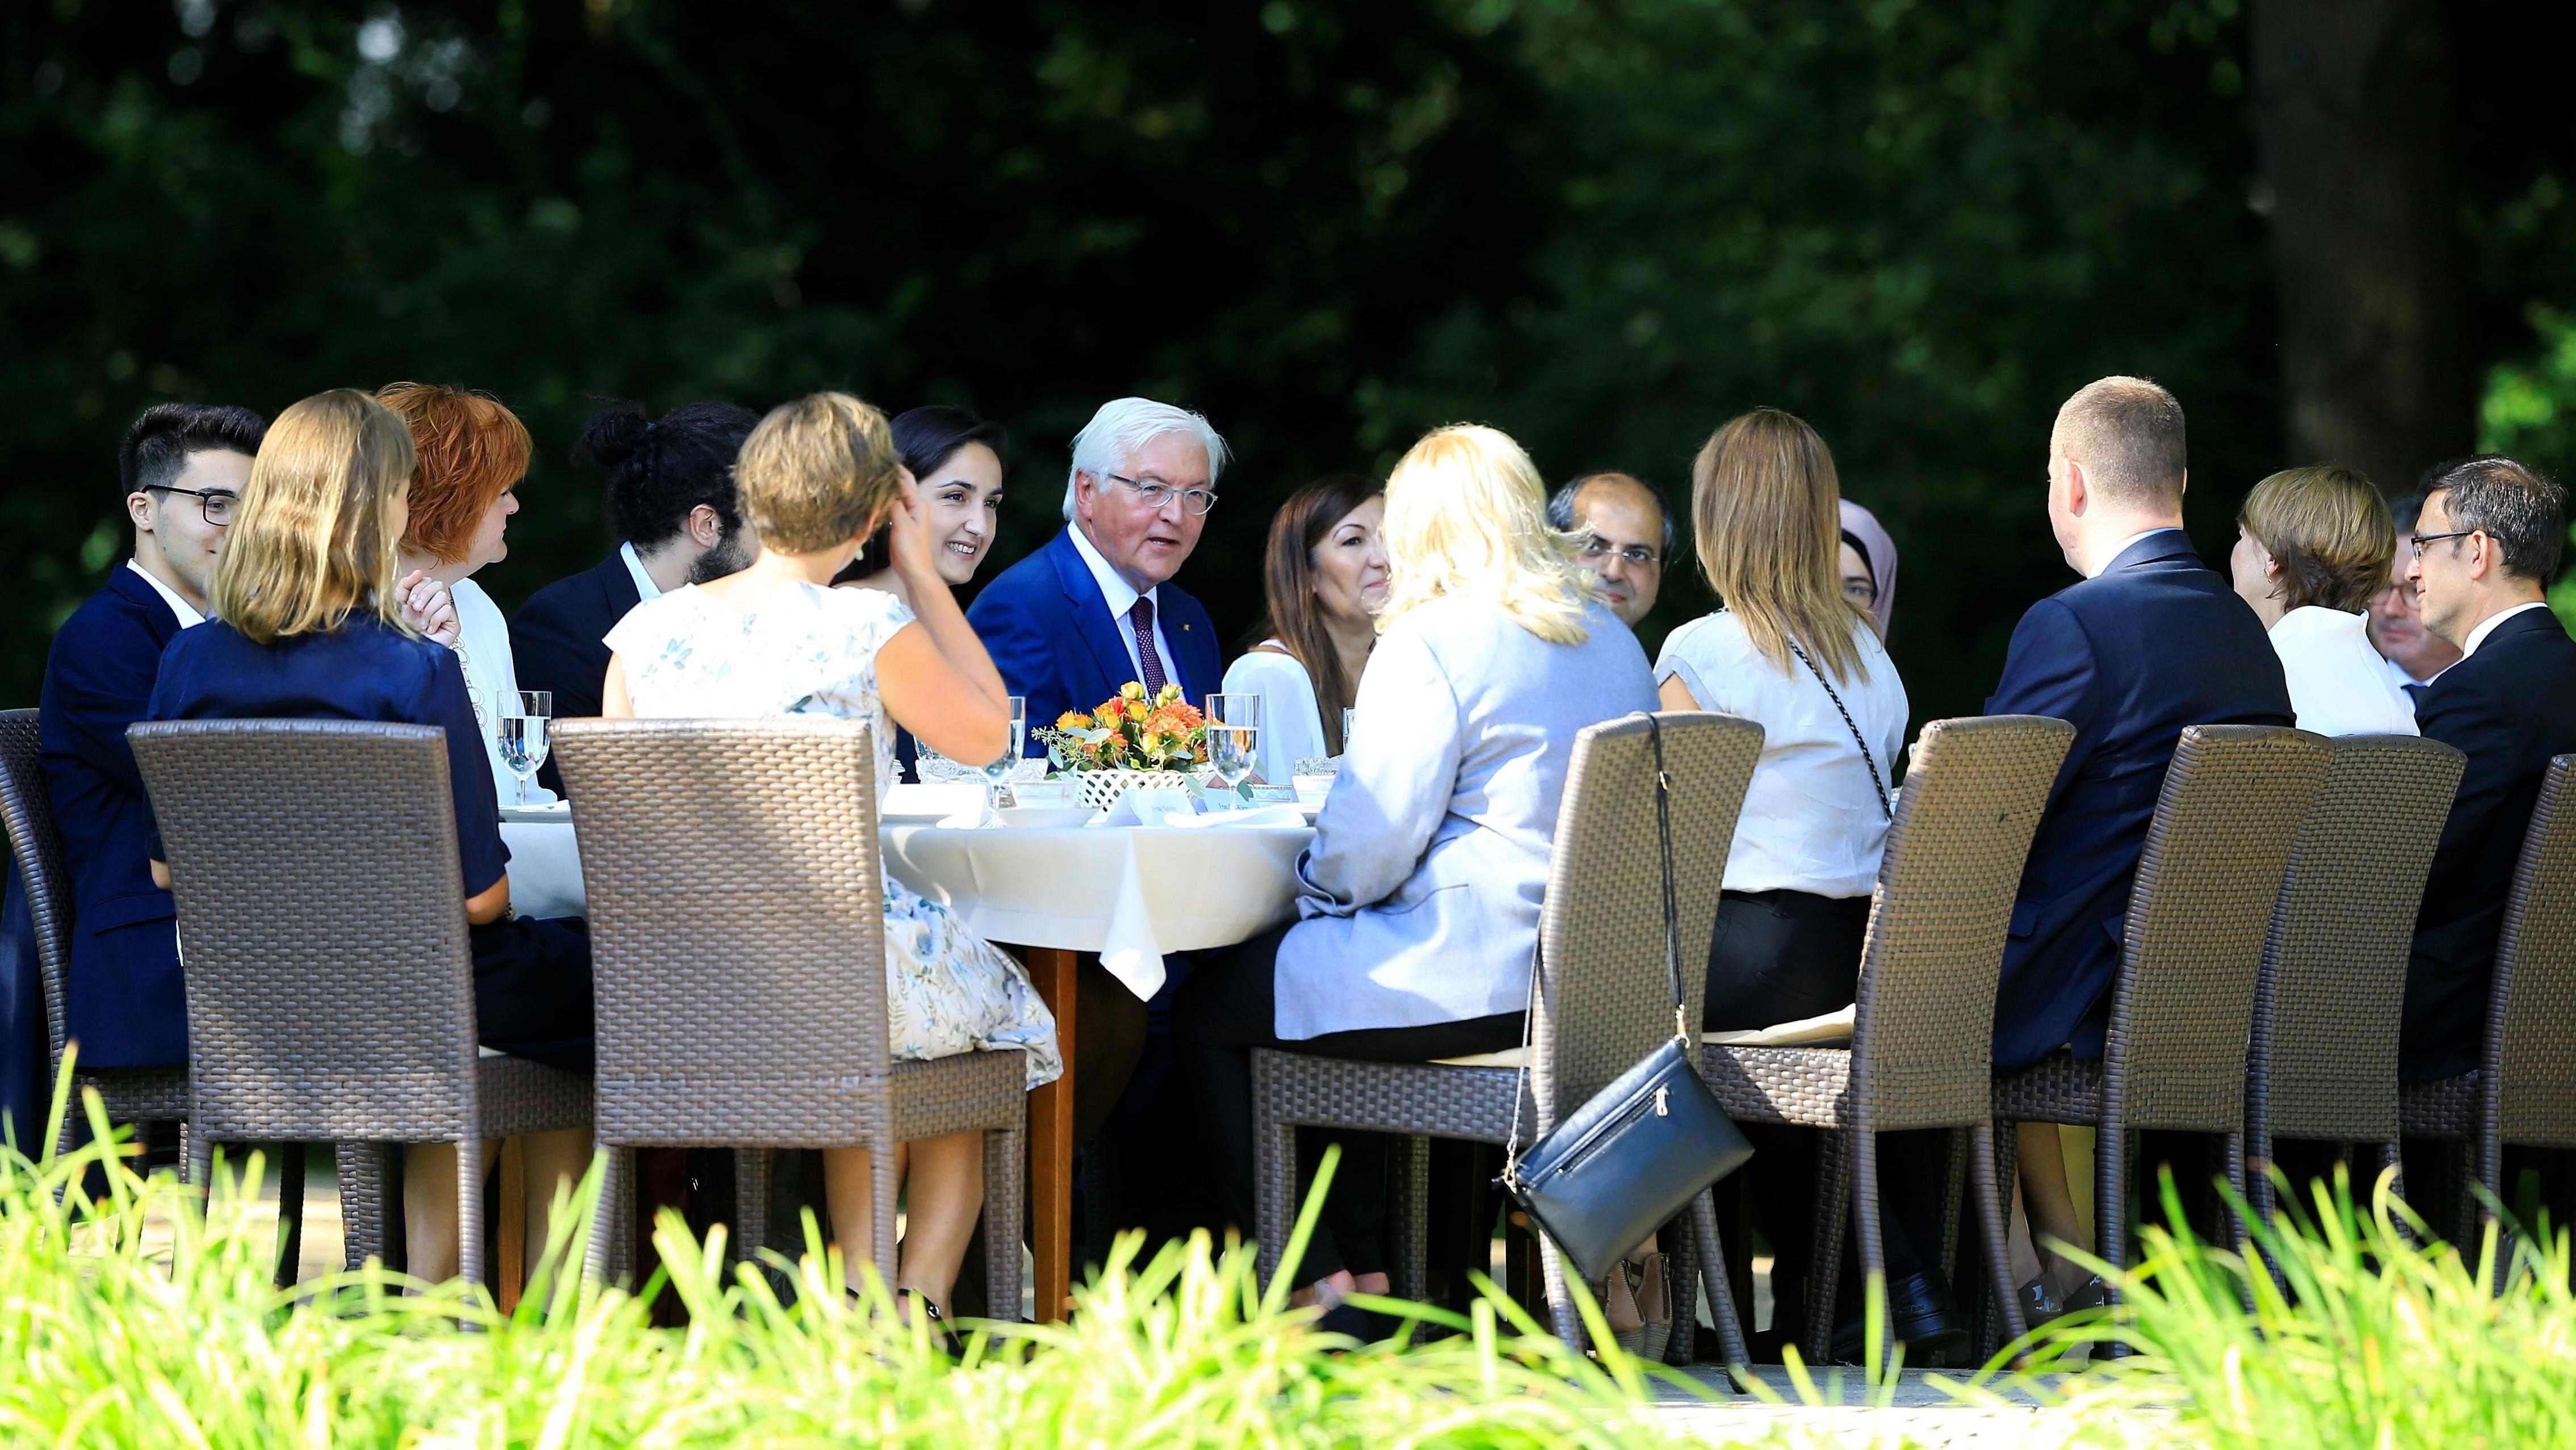 Bundespräsident Steinmeier mit Bürgern im Garten von Schloss Bellevue